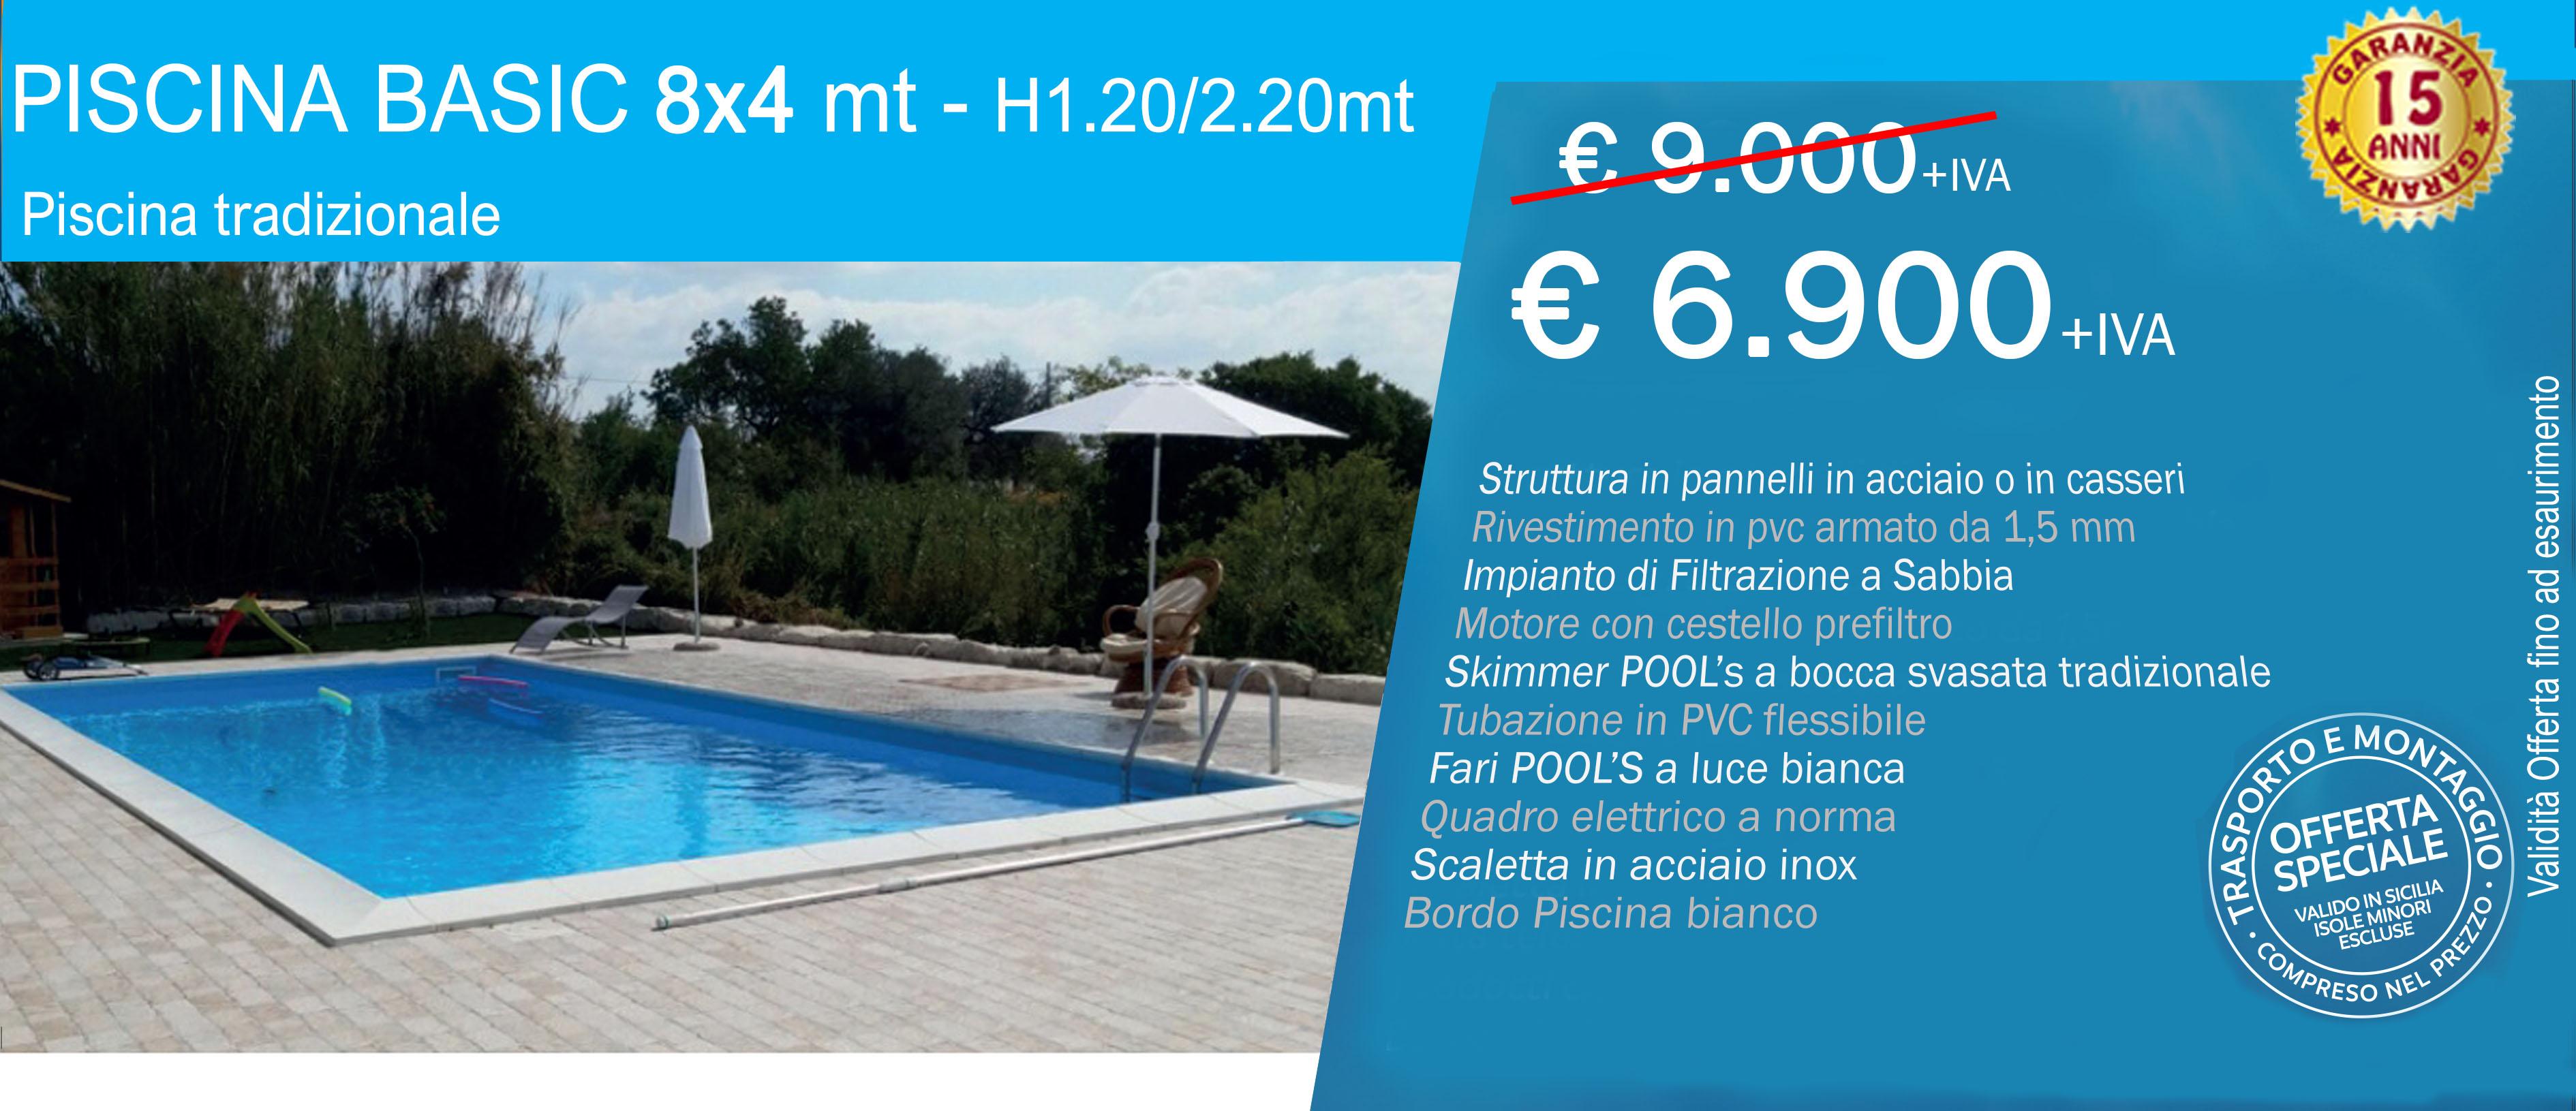 Vendita Piscine A Catania promo 2020 - piscine in kit